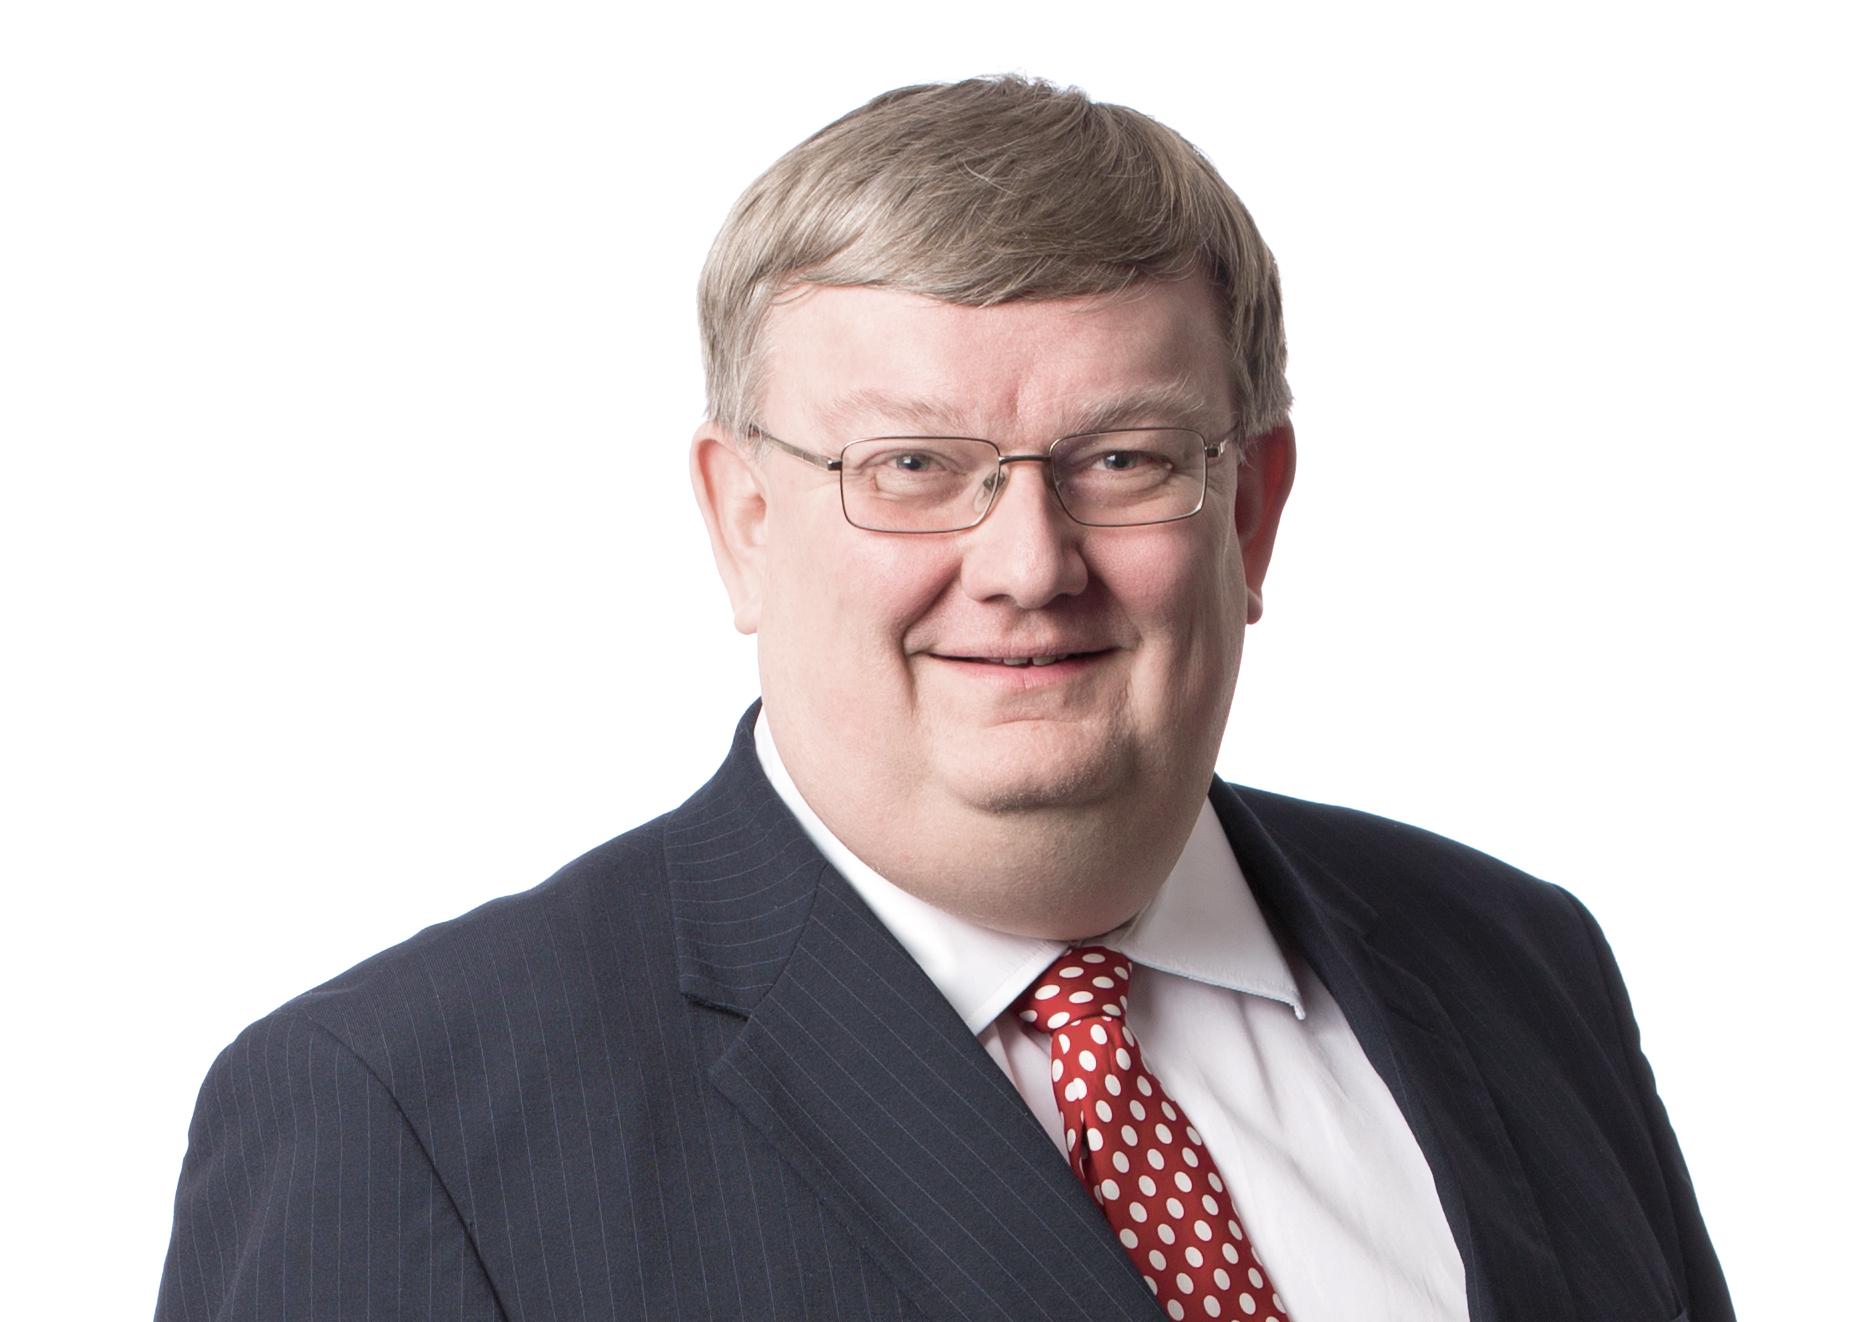 Peter Swabey